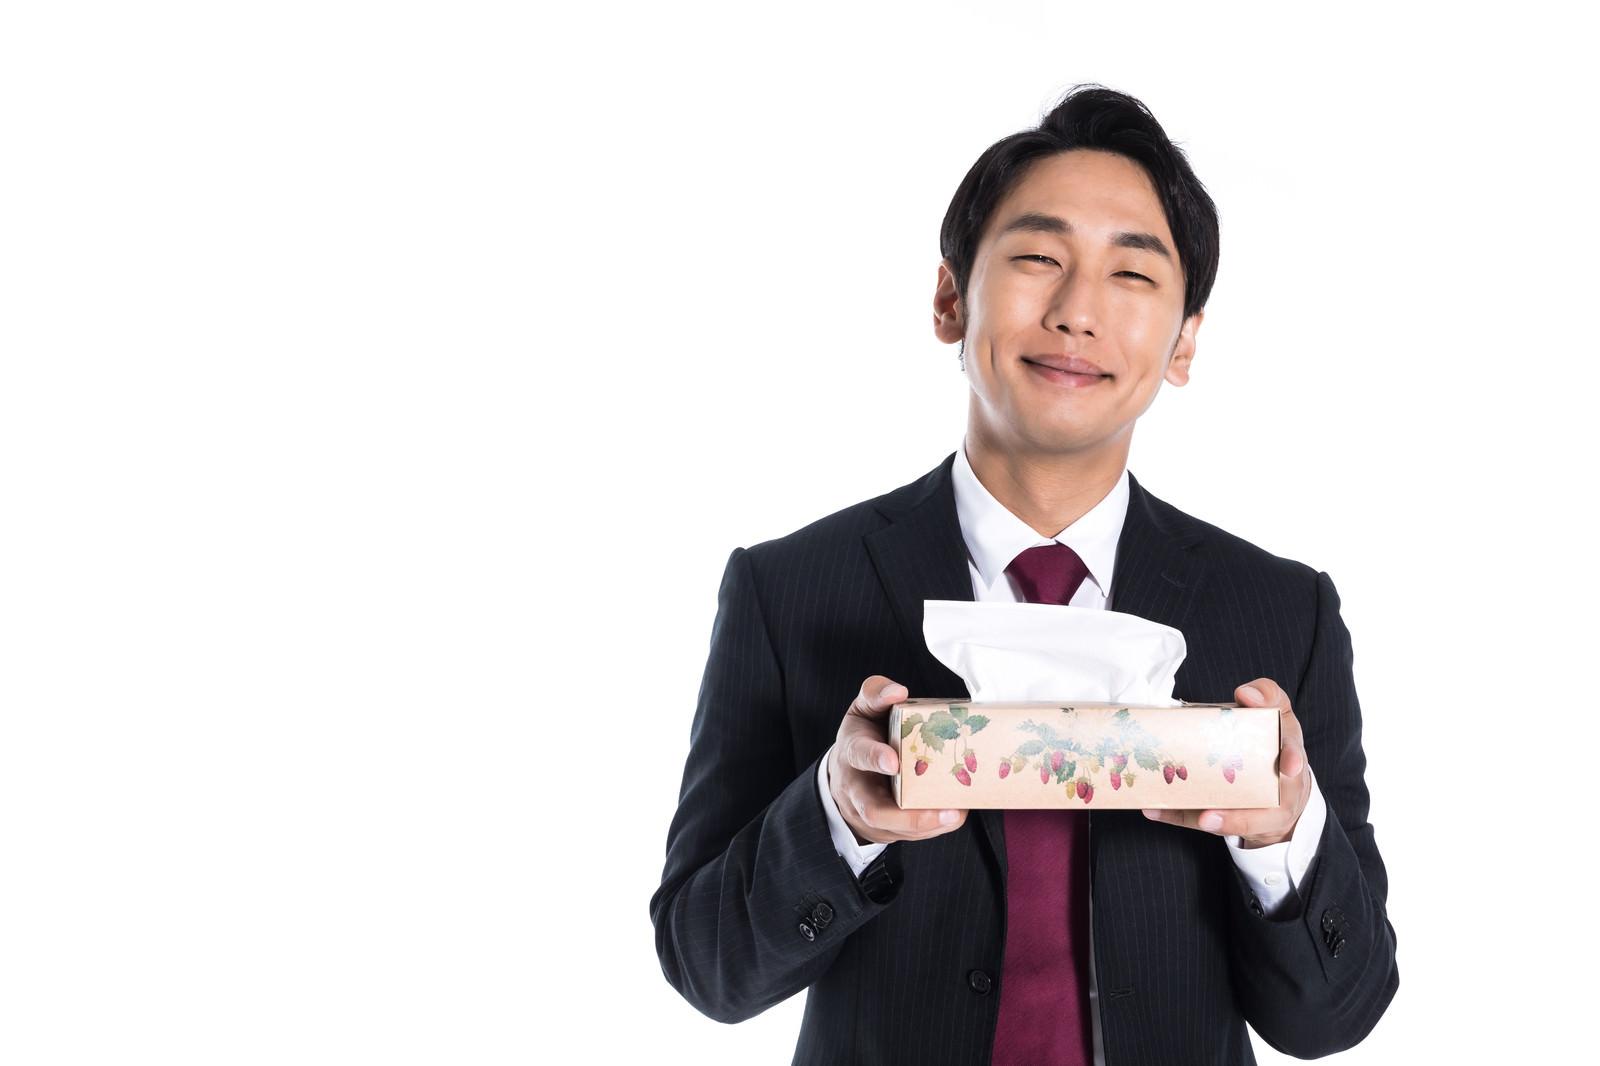 「花粉の季節に箱ティッシュを持参する執事」の写真[モデル:大川竜弥]